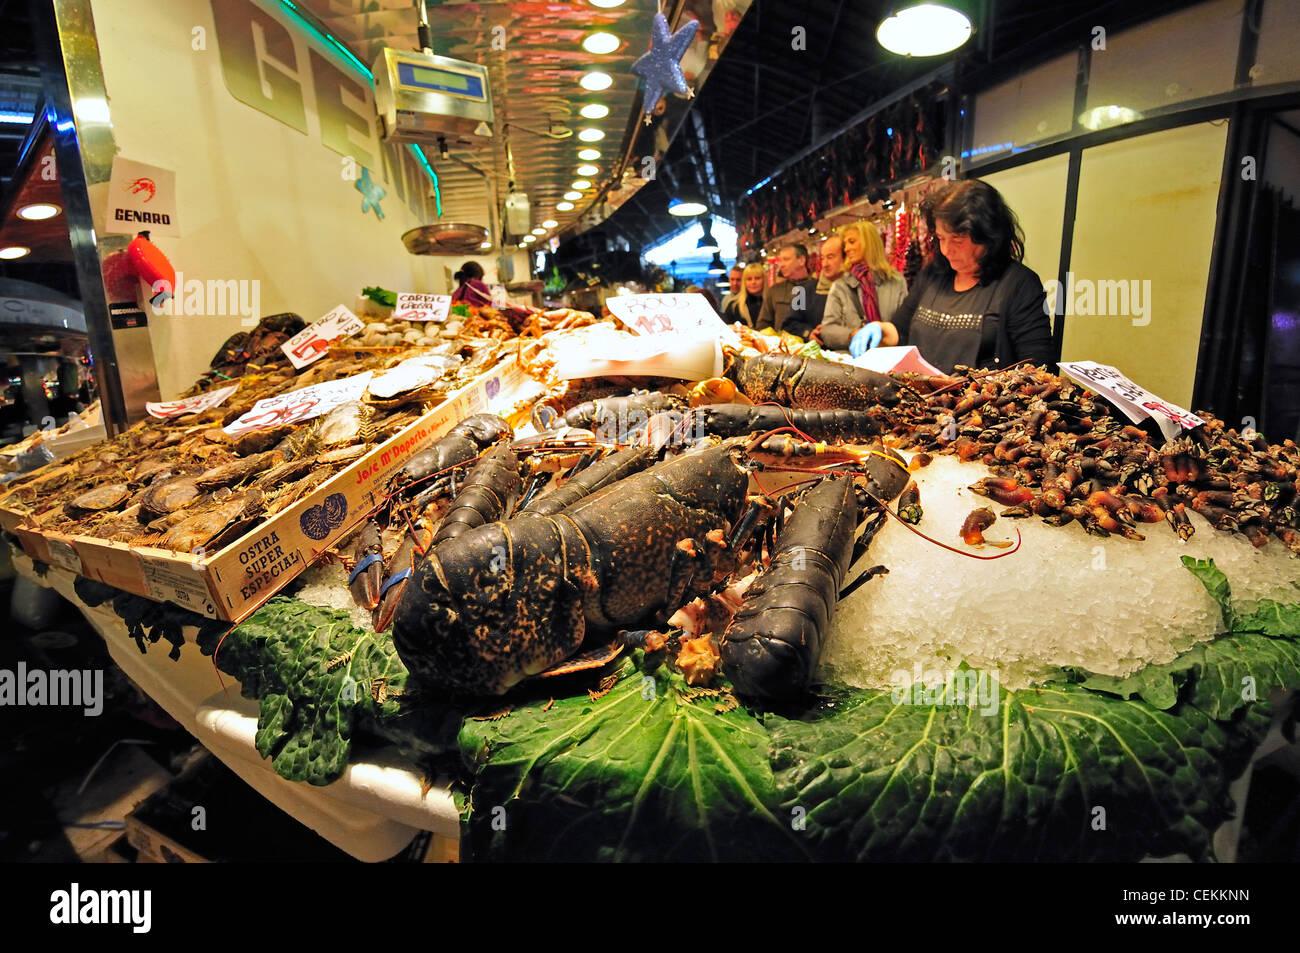 Barcelona spain la boqueria market fish and seafood for La fish market